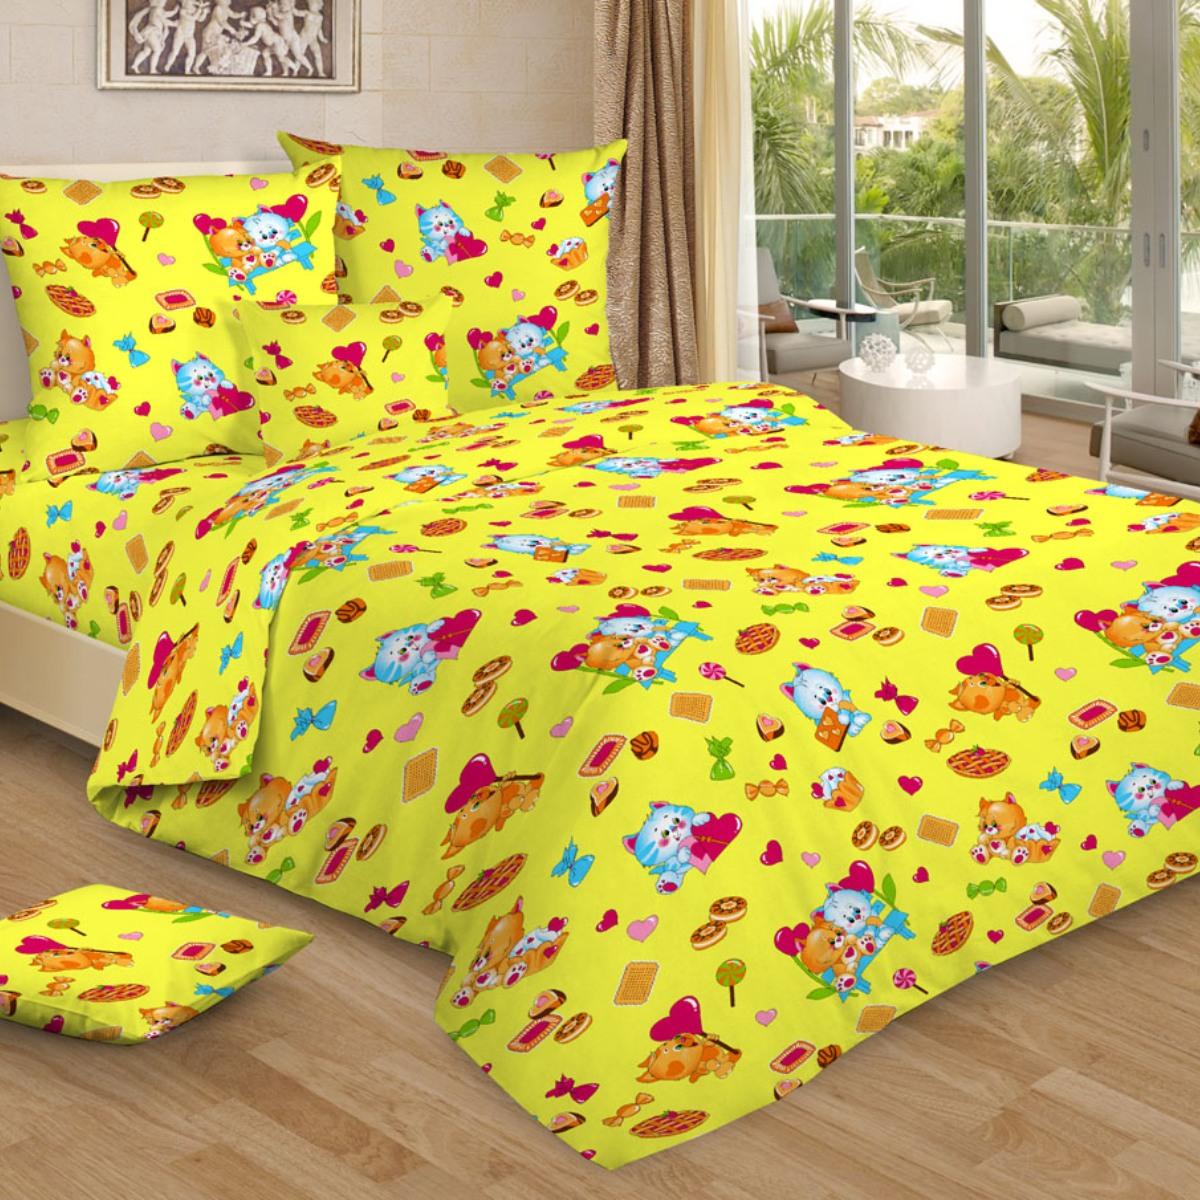 """Комплект белья детский Letto """"Сластена"""", 1,5-спальный, наволочки 50x70, цвет: желтый"""